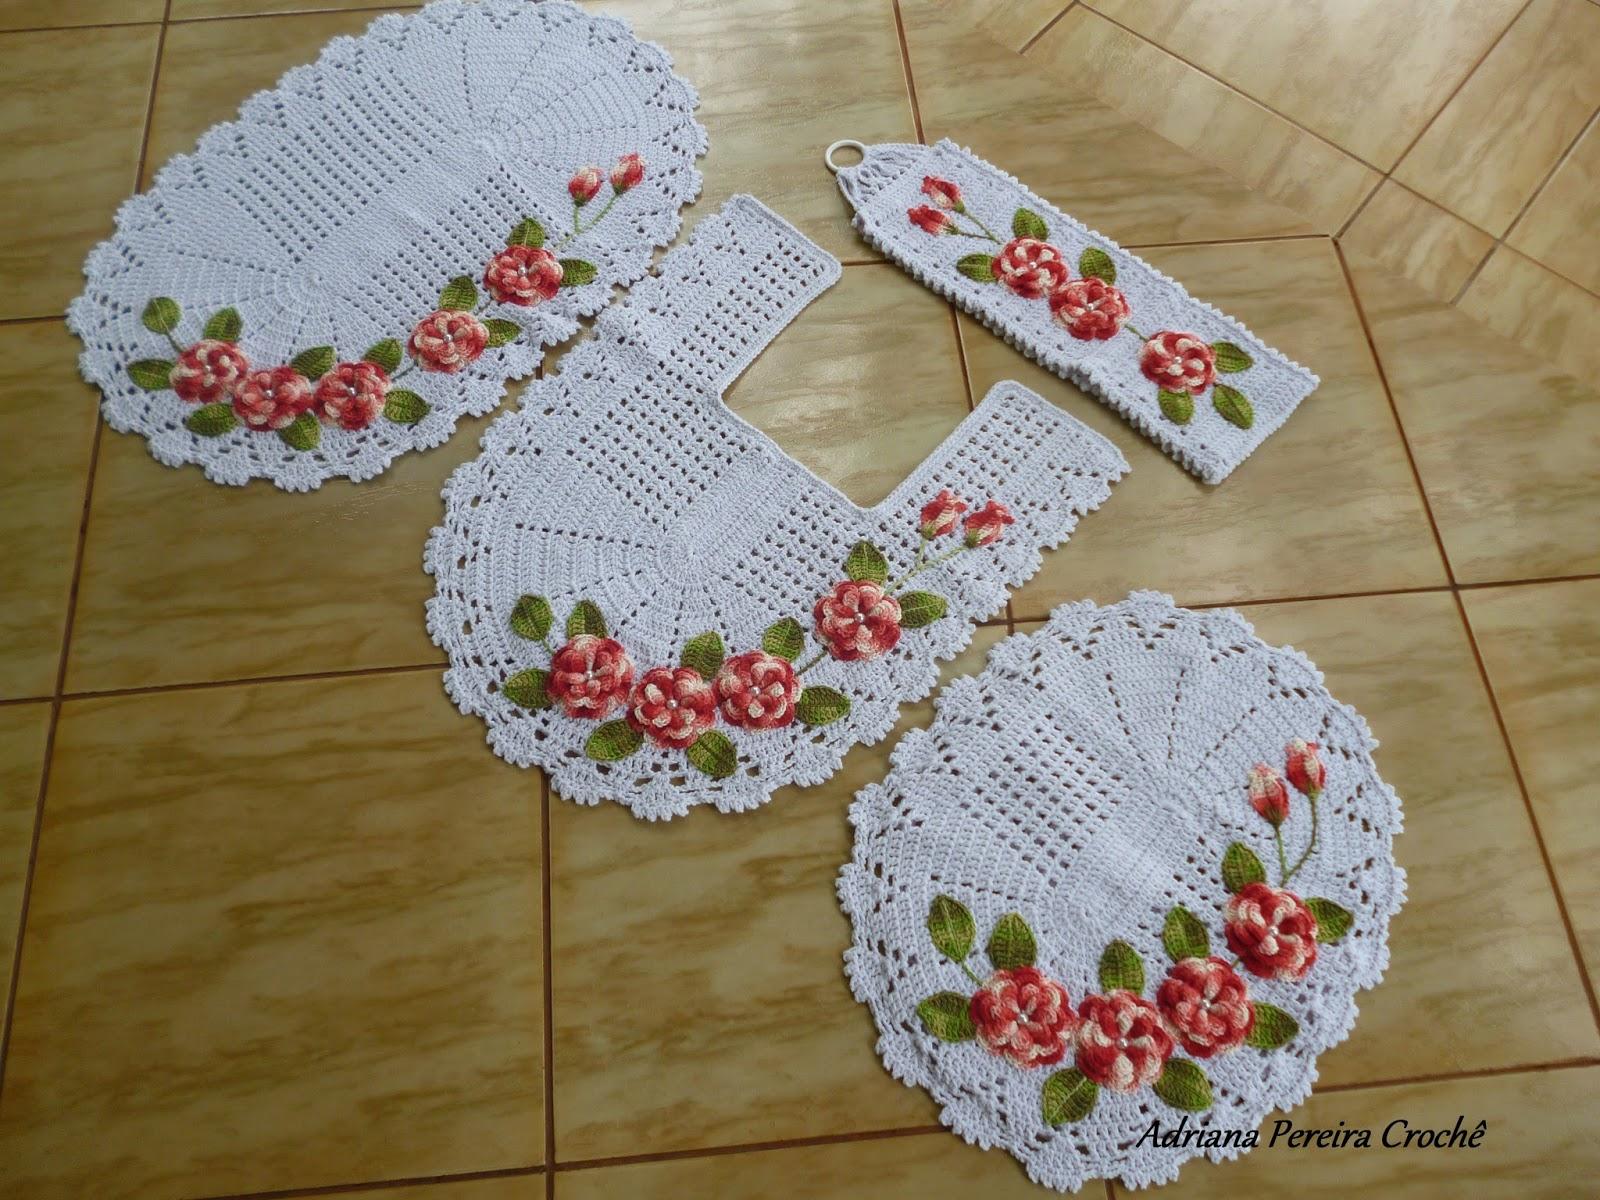 Adriana Pereira Crochê: Jogo de Banheiro com Flores Aplicadas #4F5C1A 1600x1200 Banheiro Com Azulejo De Flores